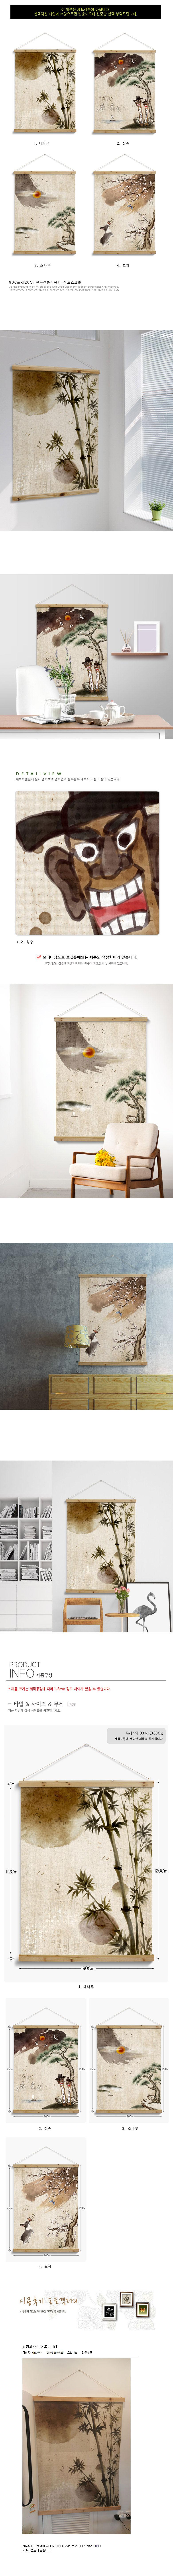 우드스크롤_90CmX120Cm-한국전통수묵화 - 꾸밈, 48,000원, 홈갤러리, 패브릭포스터